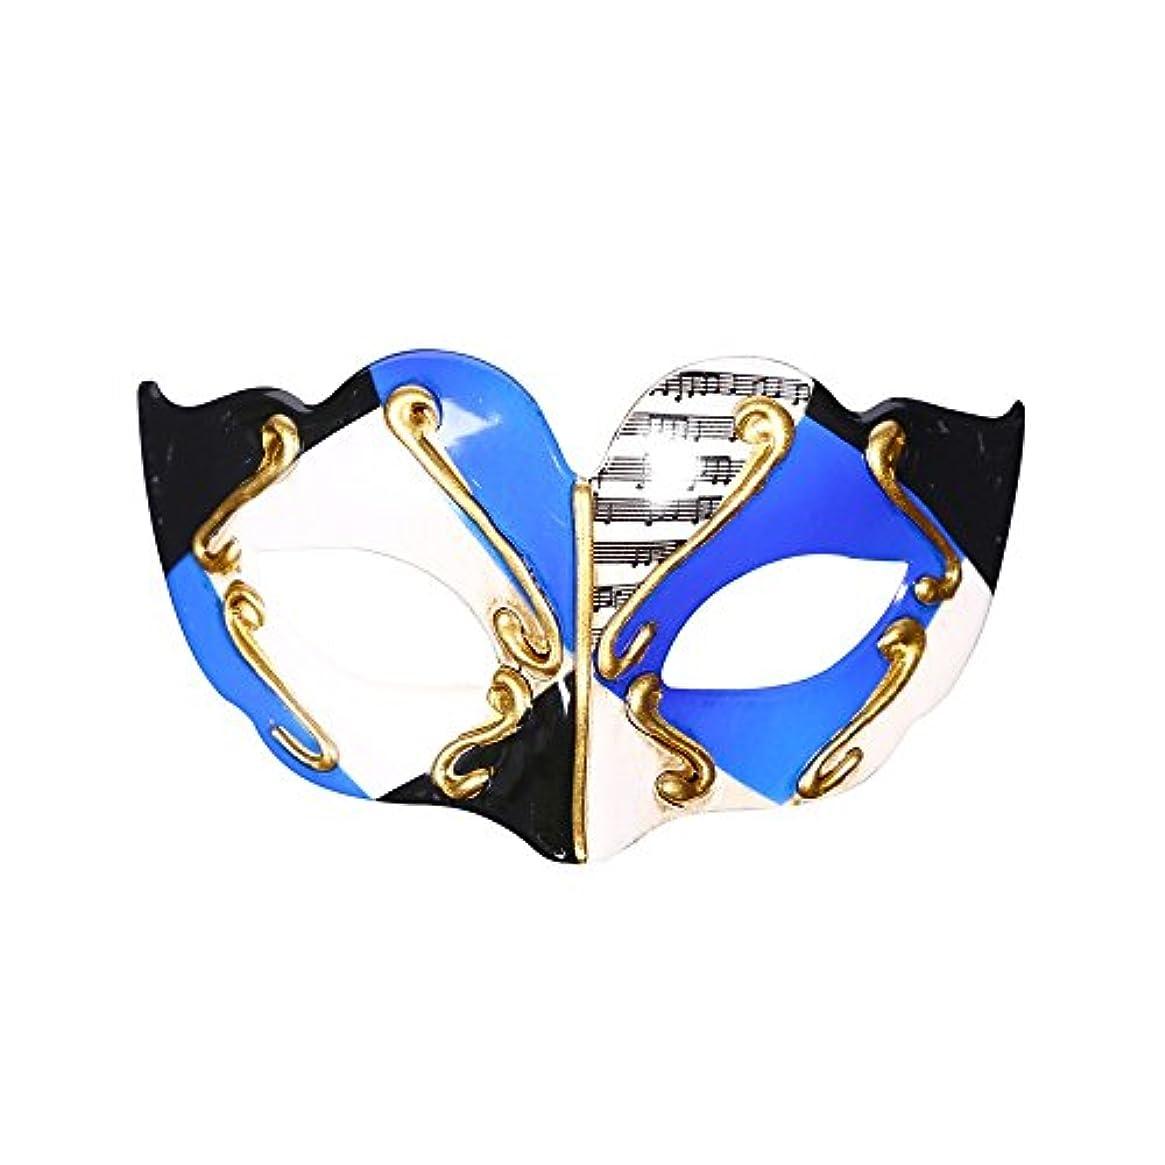 シーズン休眠エコーハロウィーン仮装マスクフラットヘッドハーフフェイスハードプラスチック子供用マスク (Color : #3)